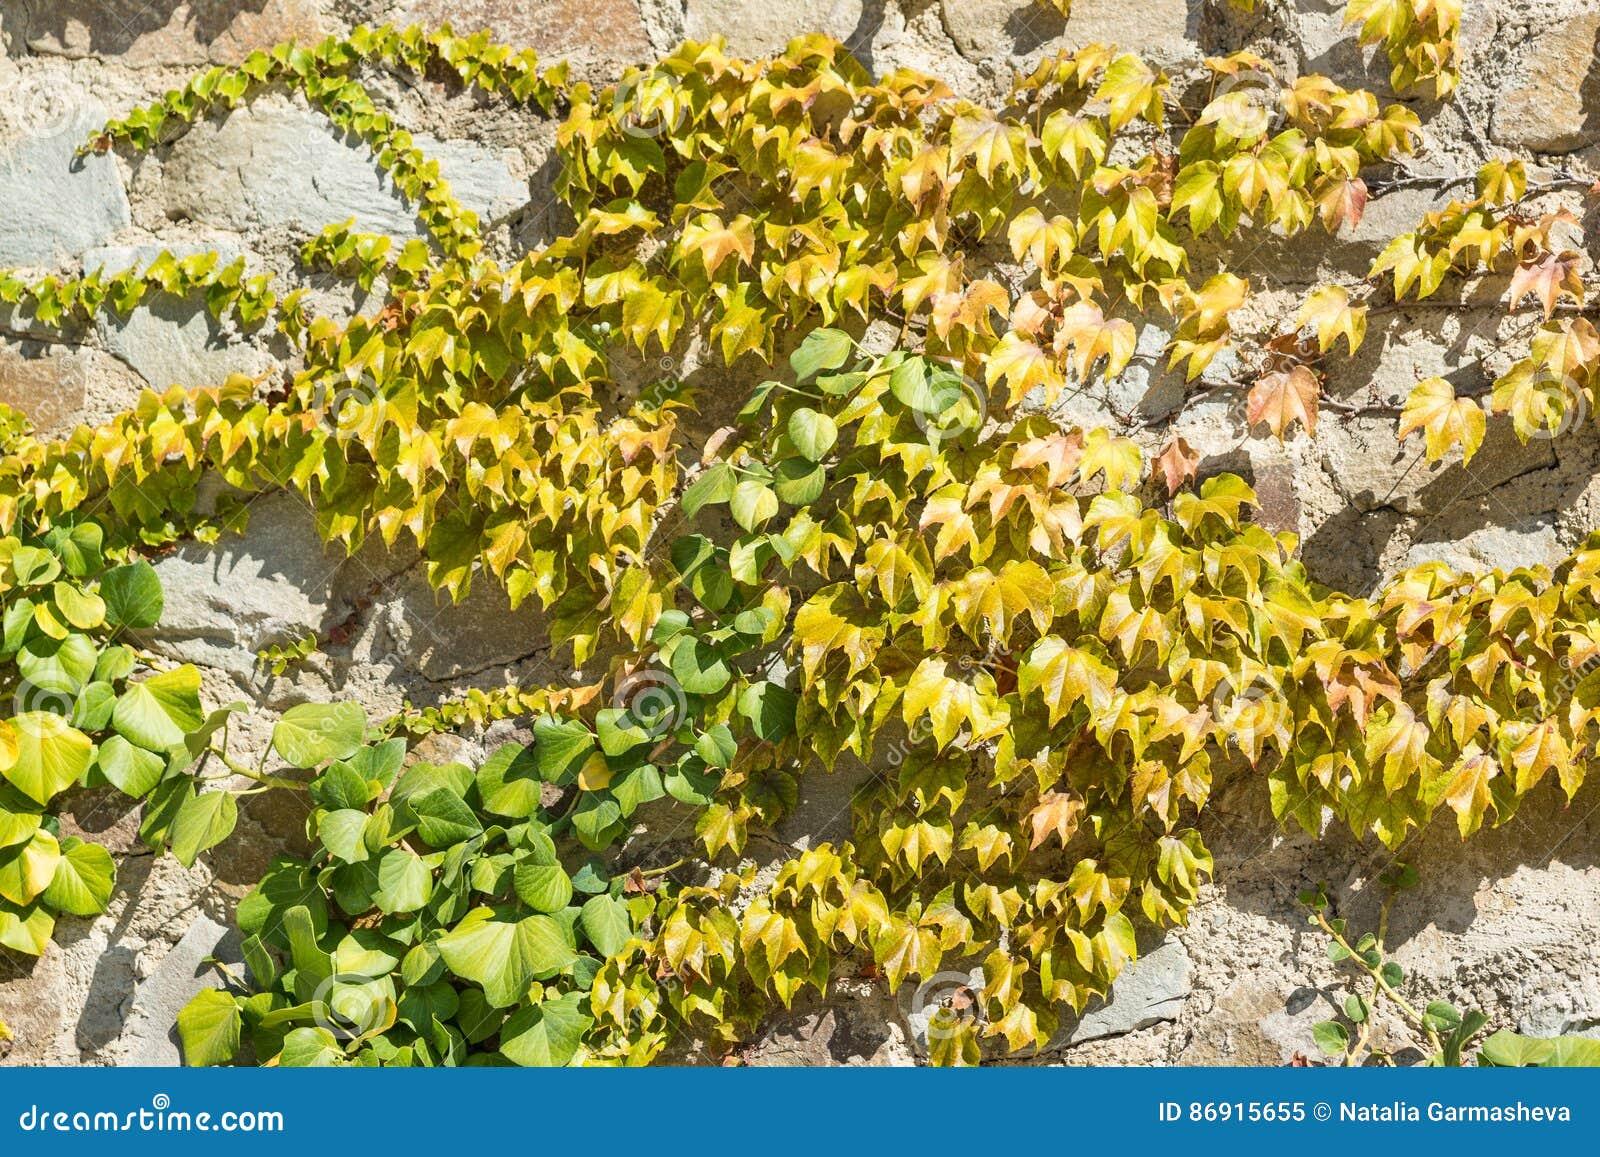 Ivy Lat. Hedera And Virginia Creeper Parthenocissus Quinquefolia On ...